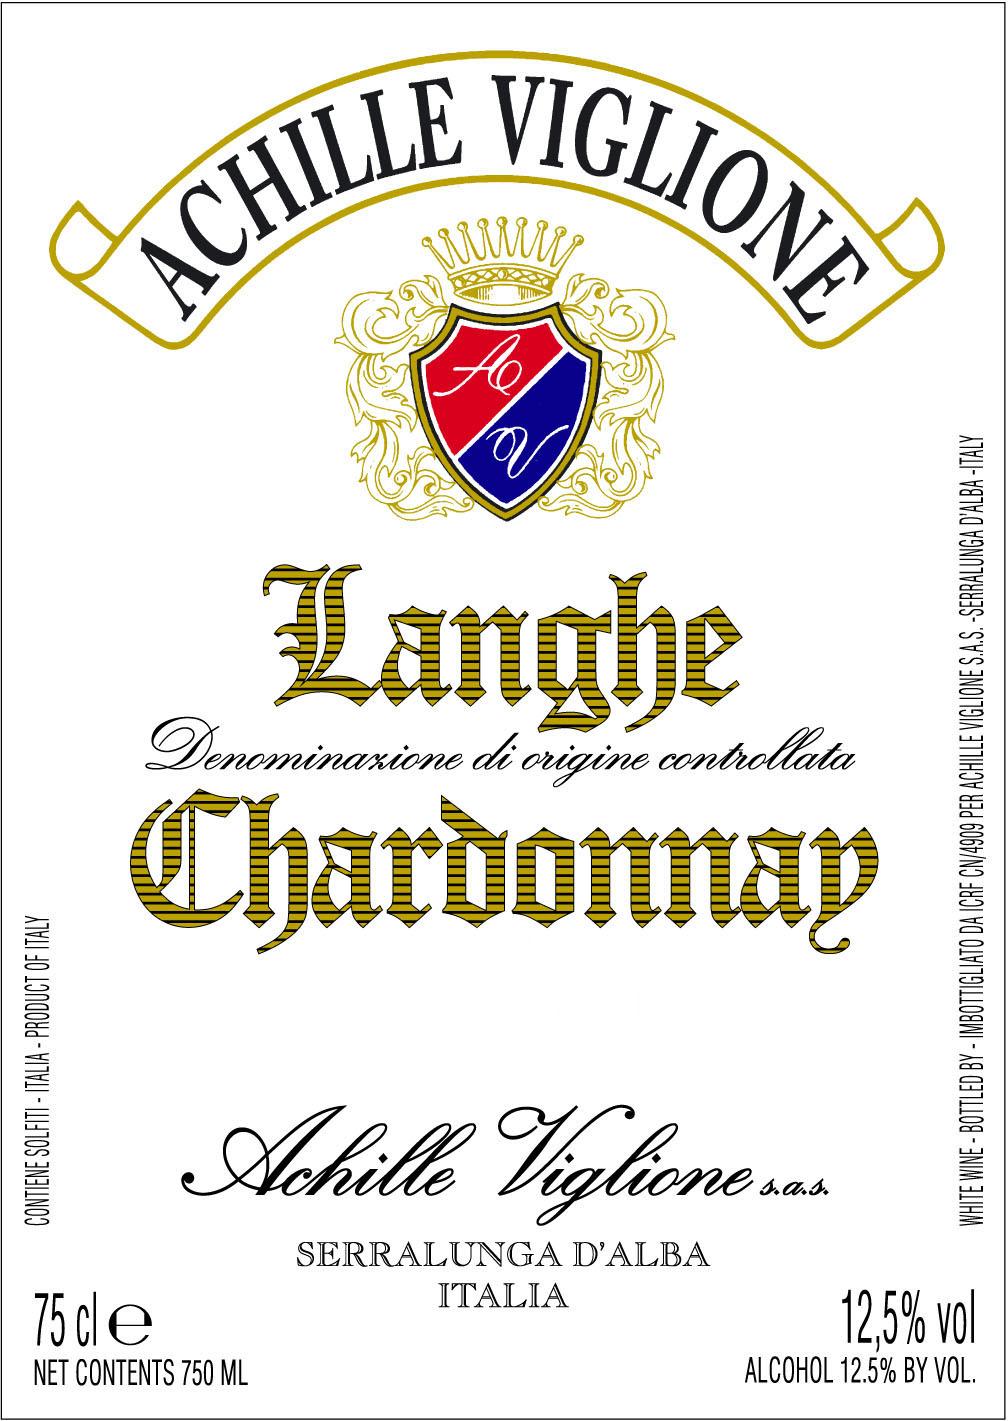 Etichetta vino bianco Langhe Chardonnay Achille Viglione